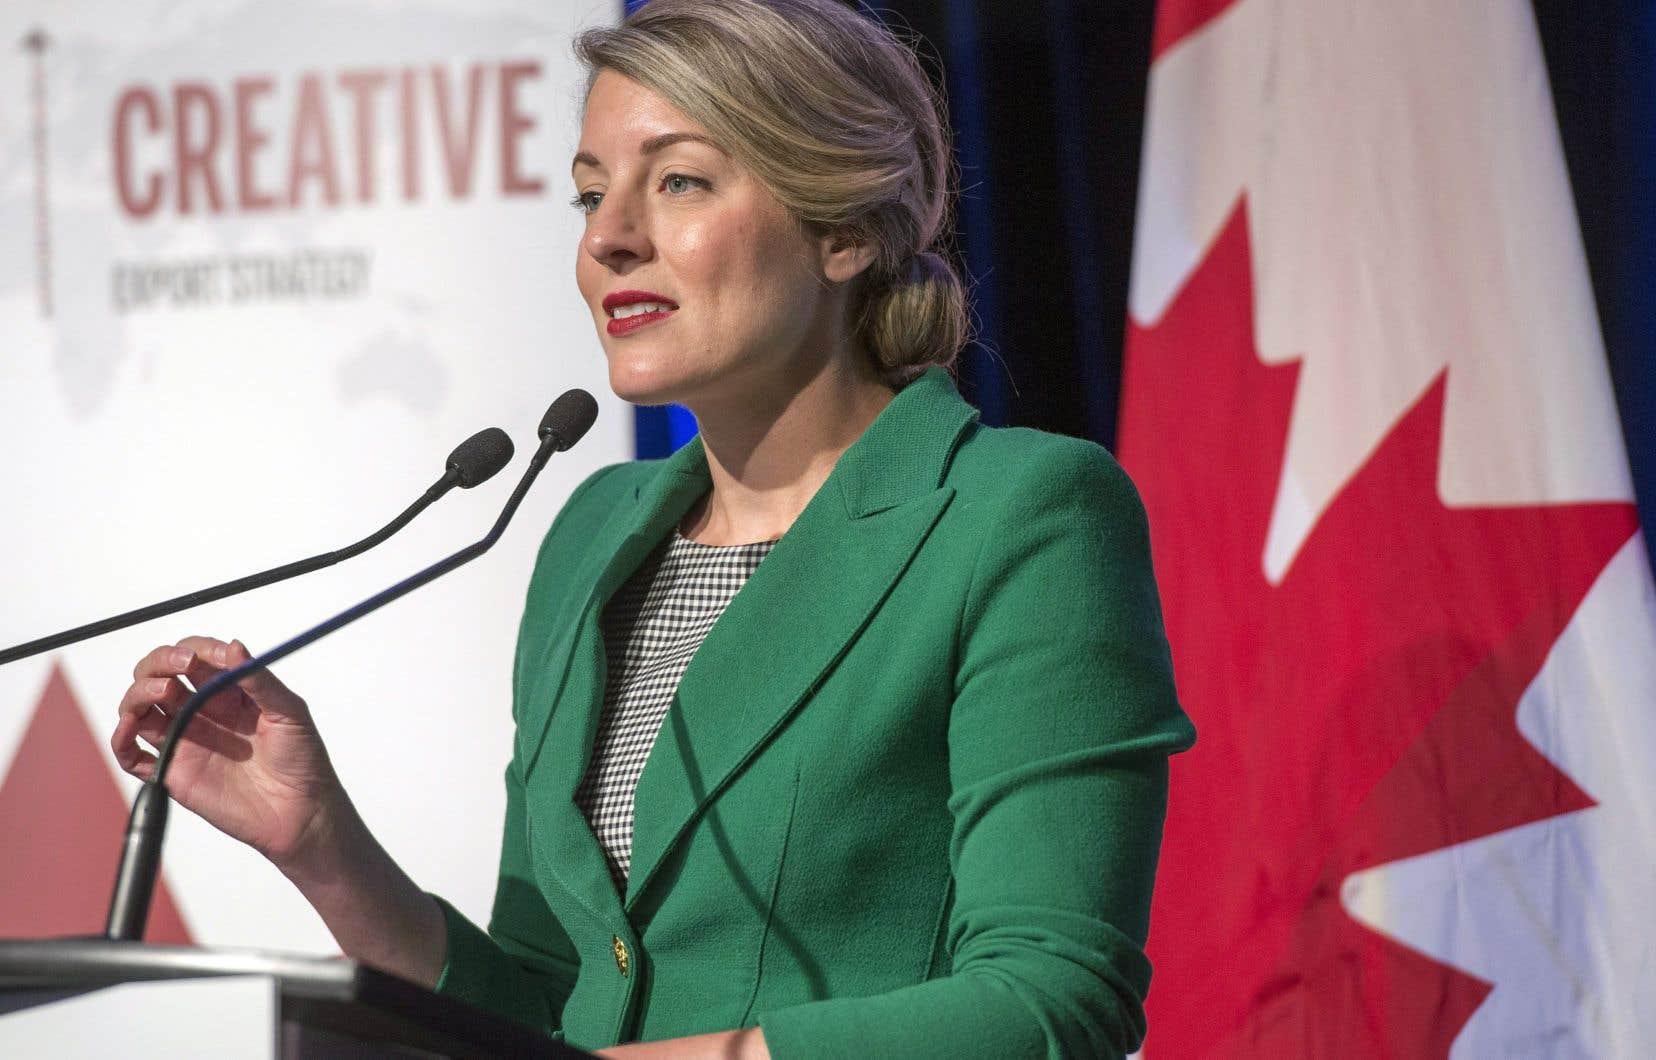 Lors de l'annonce, la ministre du Patrimoine canadien, Mélanie Joly, n'a pas raté l'occasion de diriger quelques flèches bien senties au précédent gouvernement conservateur de Stephen Harper.